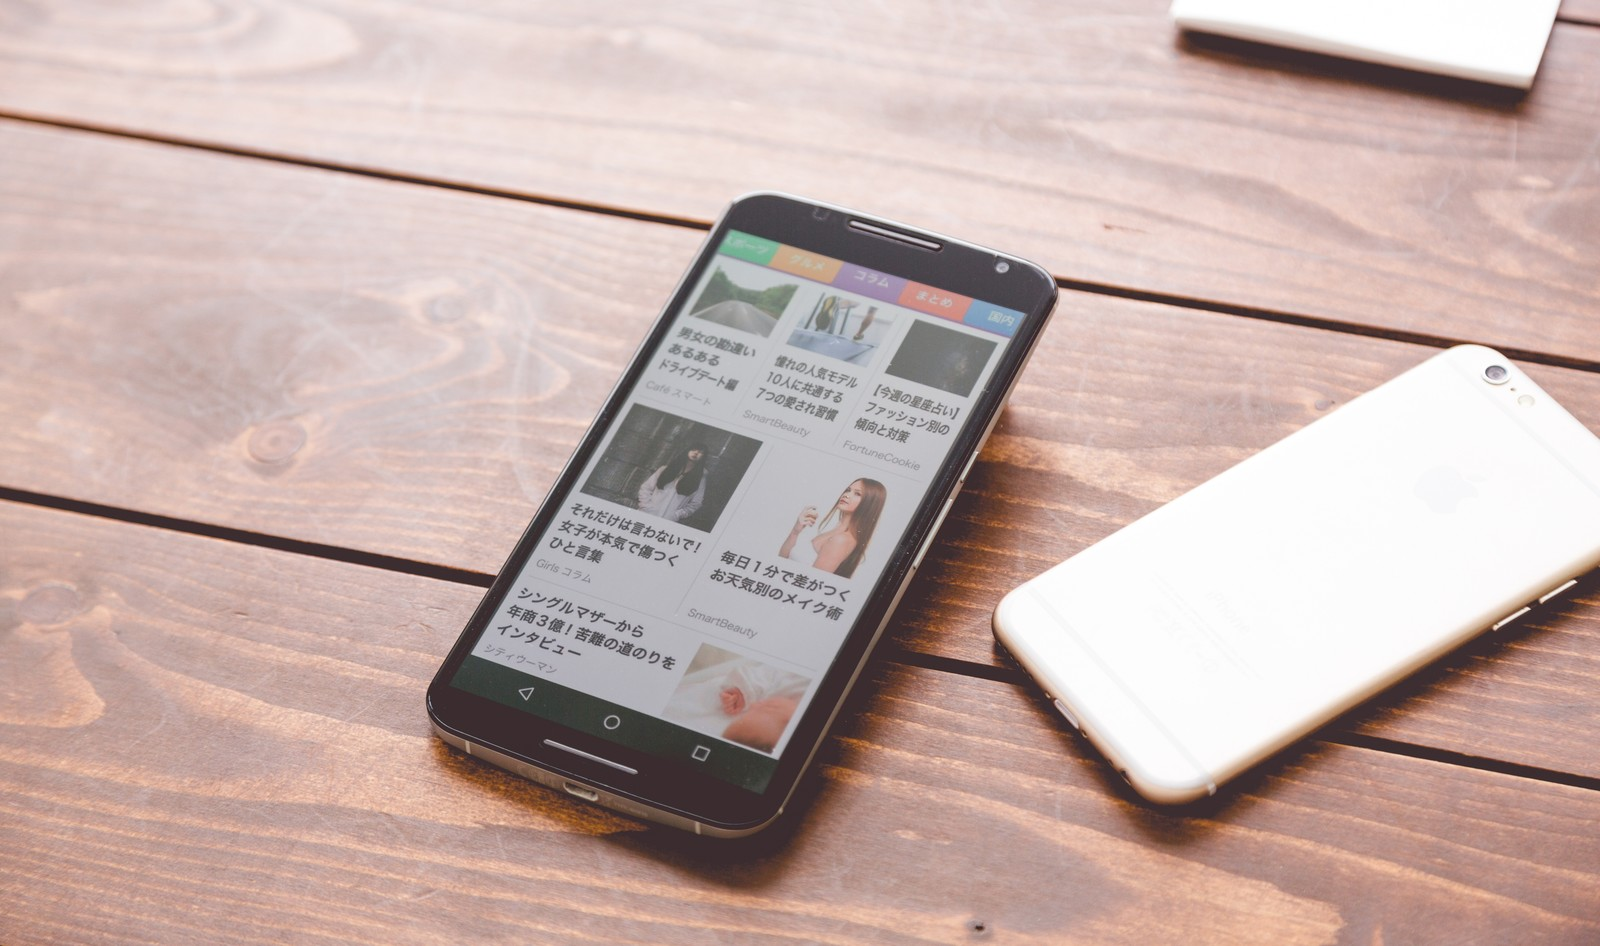 「複数の端末でニュースアプリを確認」の写真